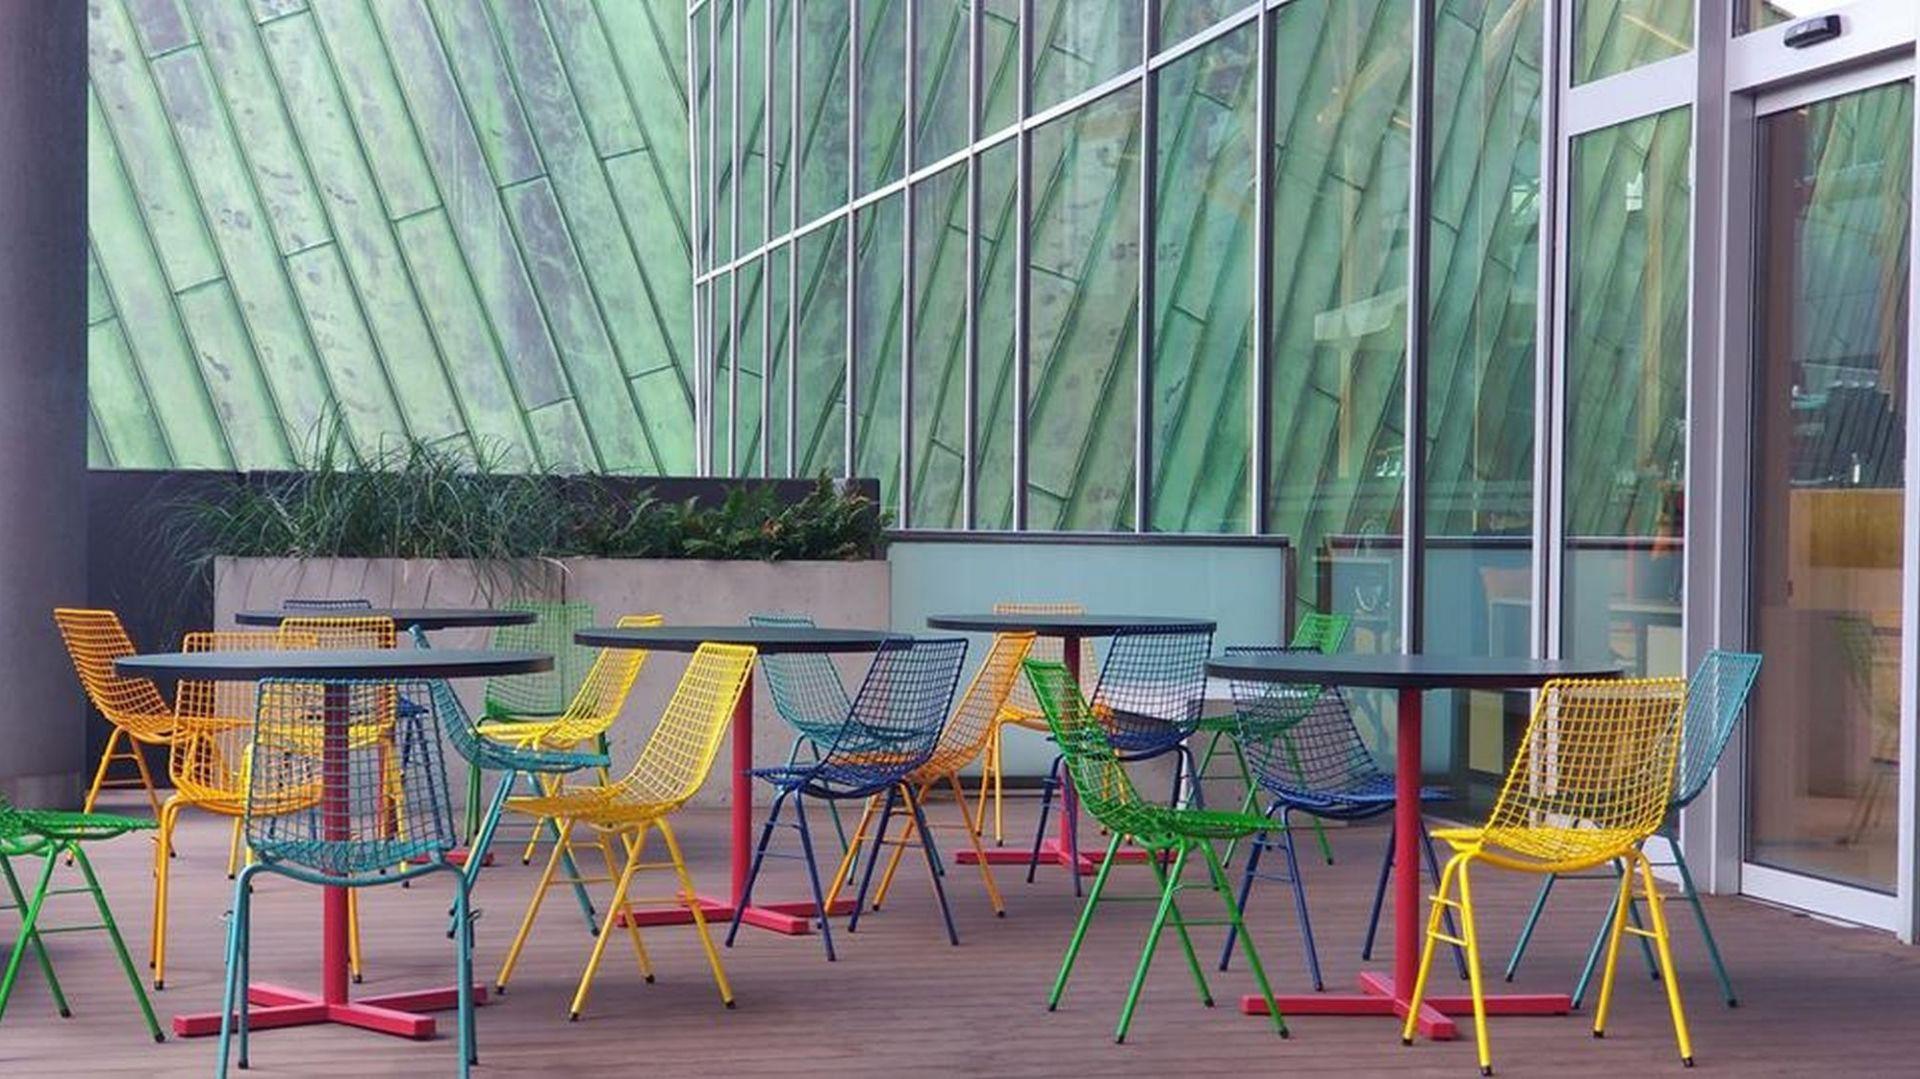 Krzesło siatkowe. Fot. PLN Design